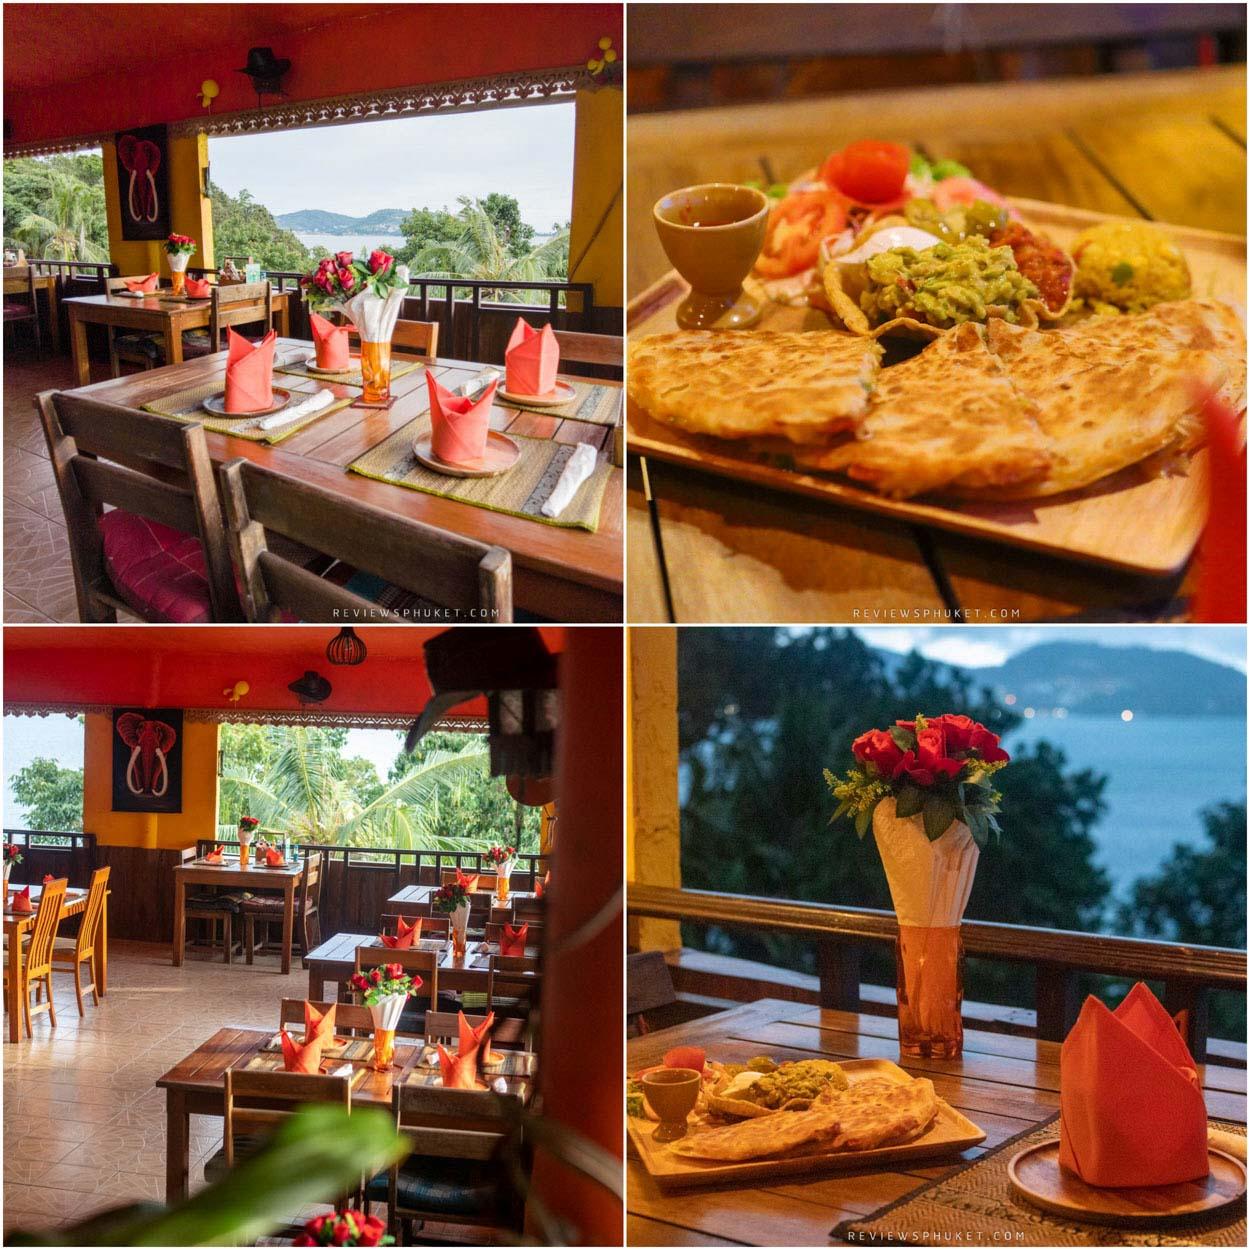 Salsa Mexicana Patong จุดเด่นคือร้านอาหารเม็กซิกันที่หาทานยาก บอกเลยว่าเด็ด